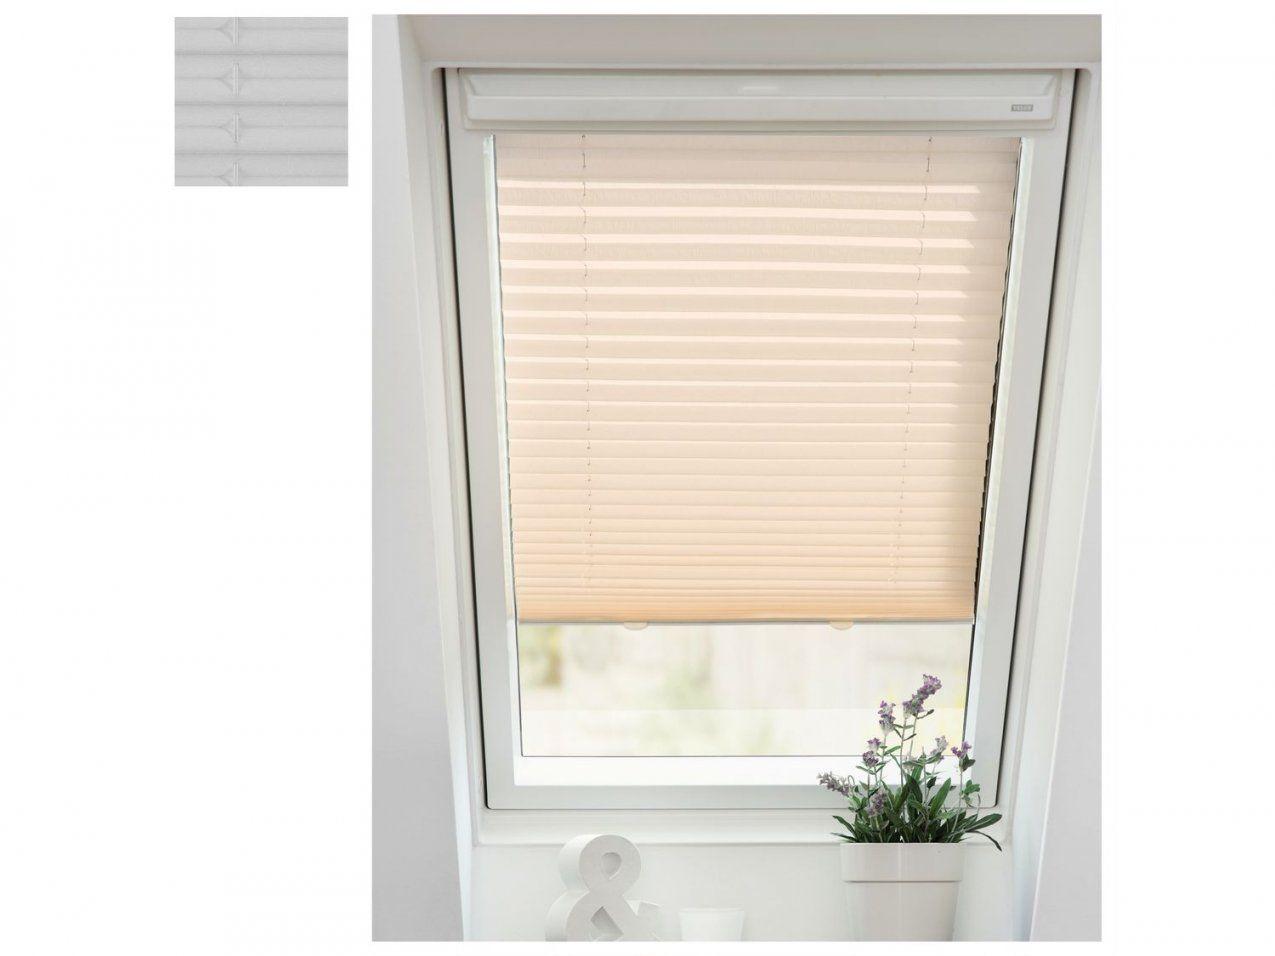 Lichtblick Dachfenster Plissee Haftfix Ohne Bohren  Lidl von Velux Dachfenster Plissee Ohne Bohren Bild